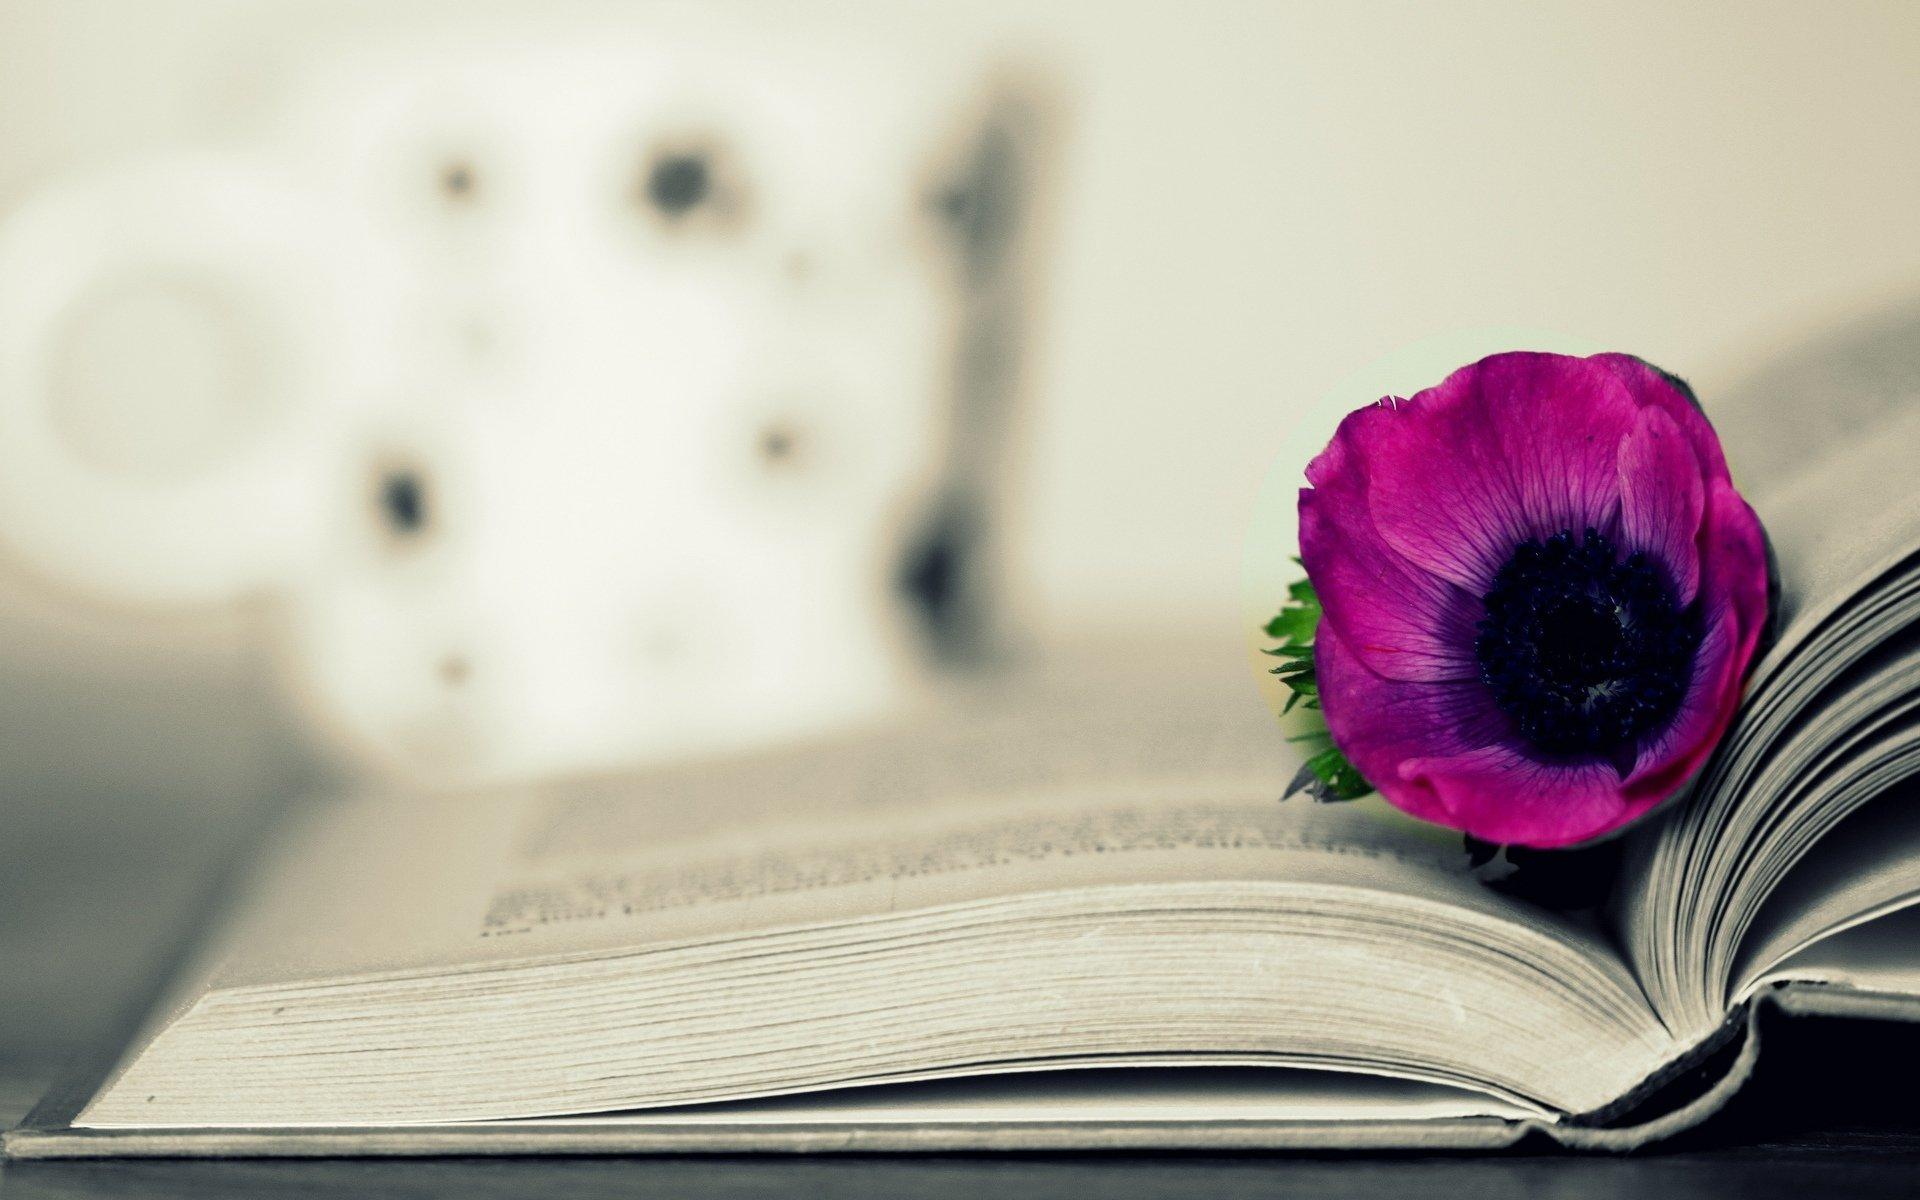 эластомер, картинки для обложки книги цветы повышается